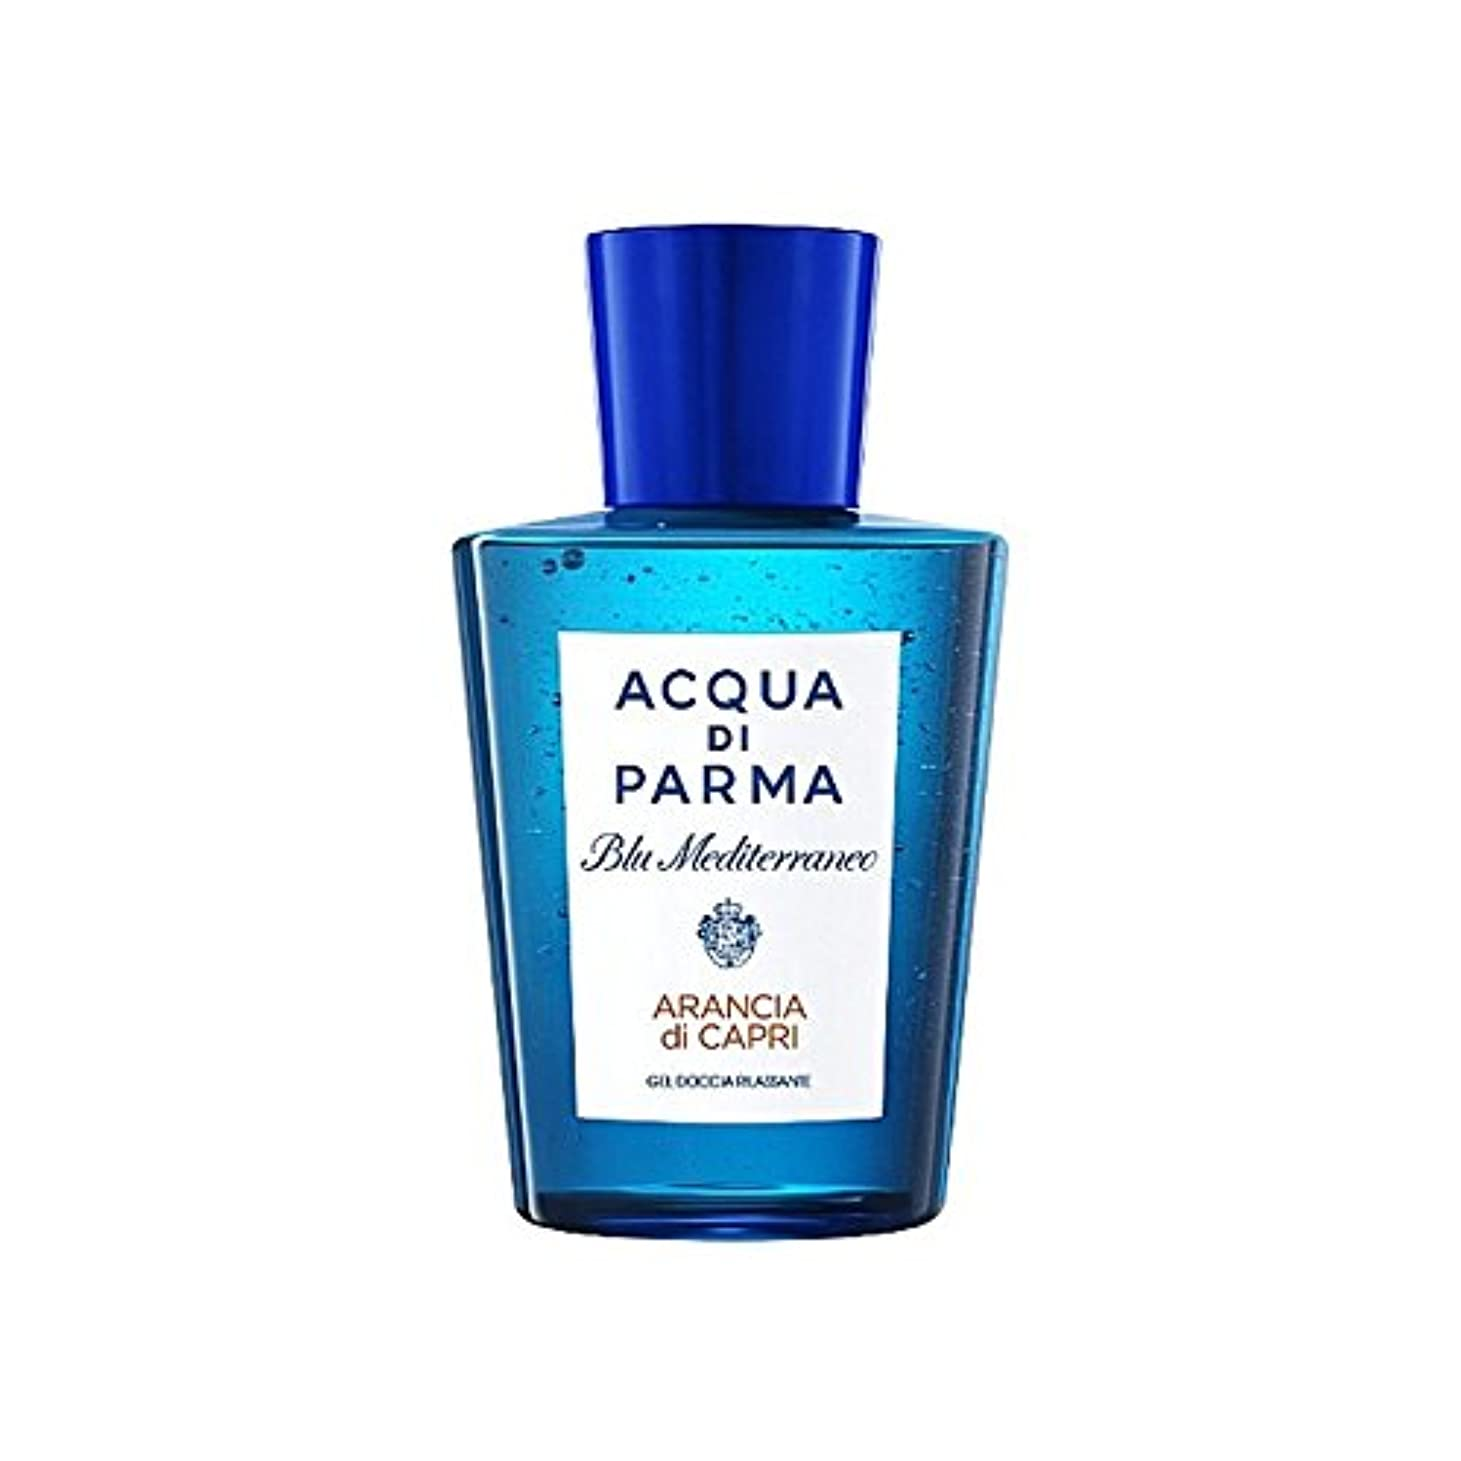 性格ダンプ日Acqua Di Parma Blu Mediterraneo Arancia Di Capri Shower Gel 200ml - アクアディパルマブルーメディのアランシアジカプリシャワージェル200 [並行輸入品]